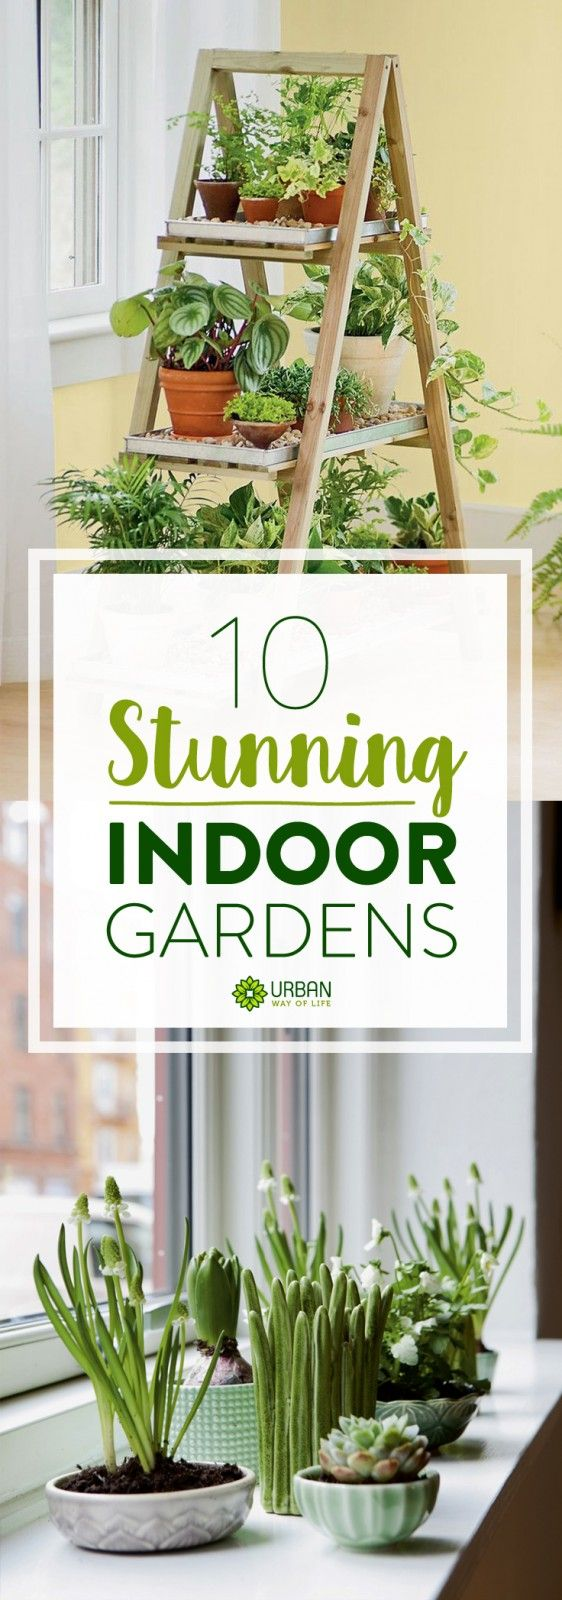 Get Inspired 10 Stunning Indoor Gardens Gardens 400 x 300